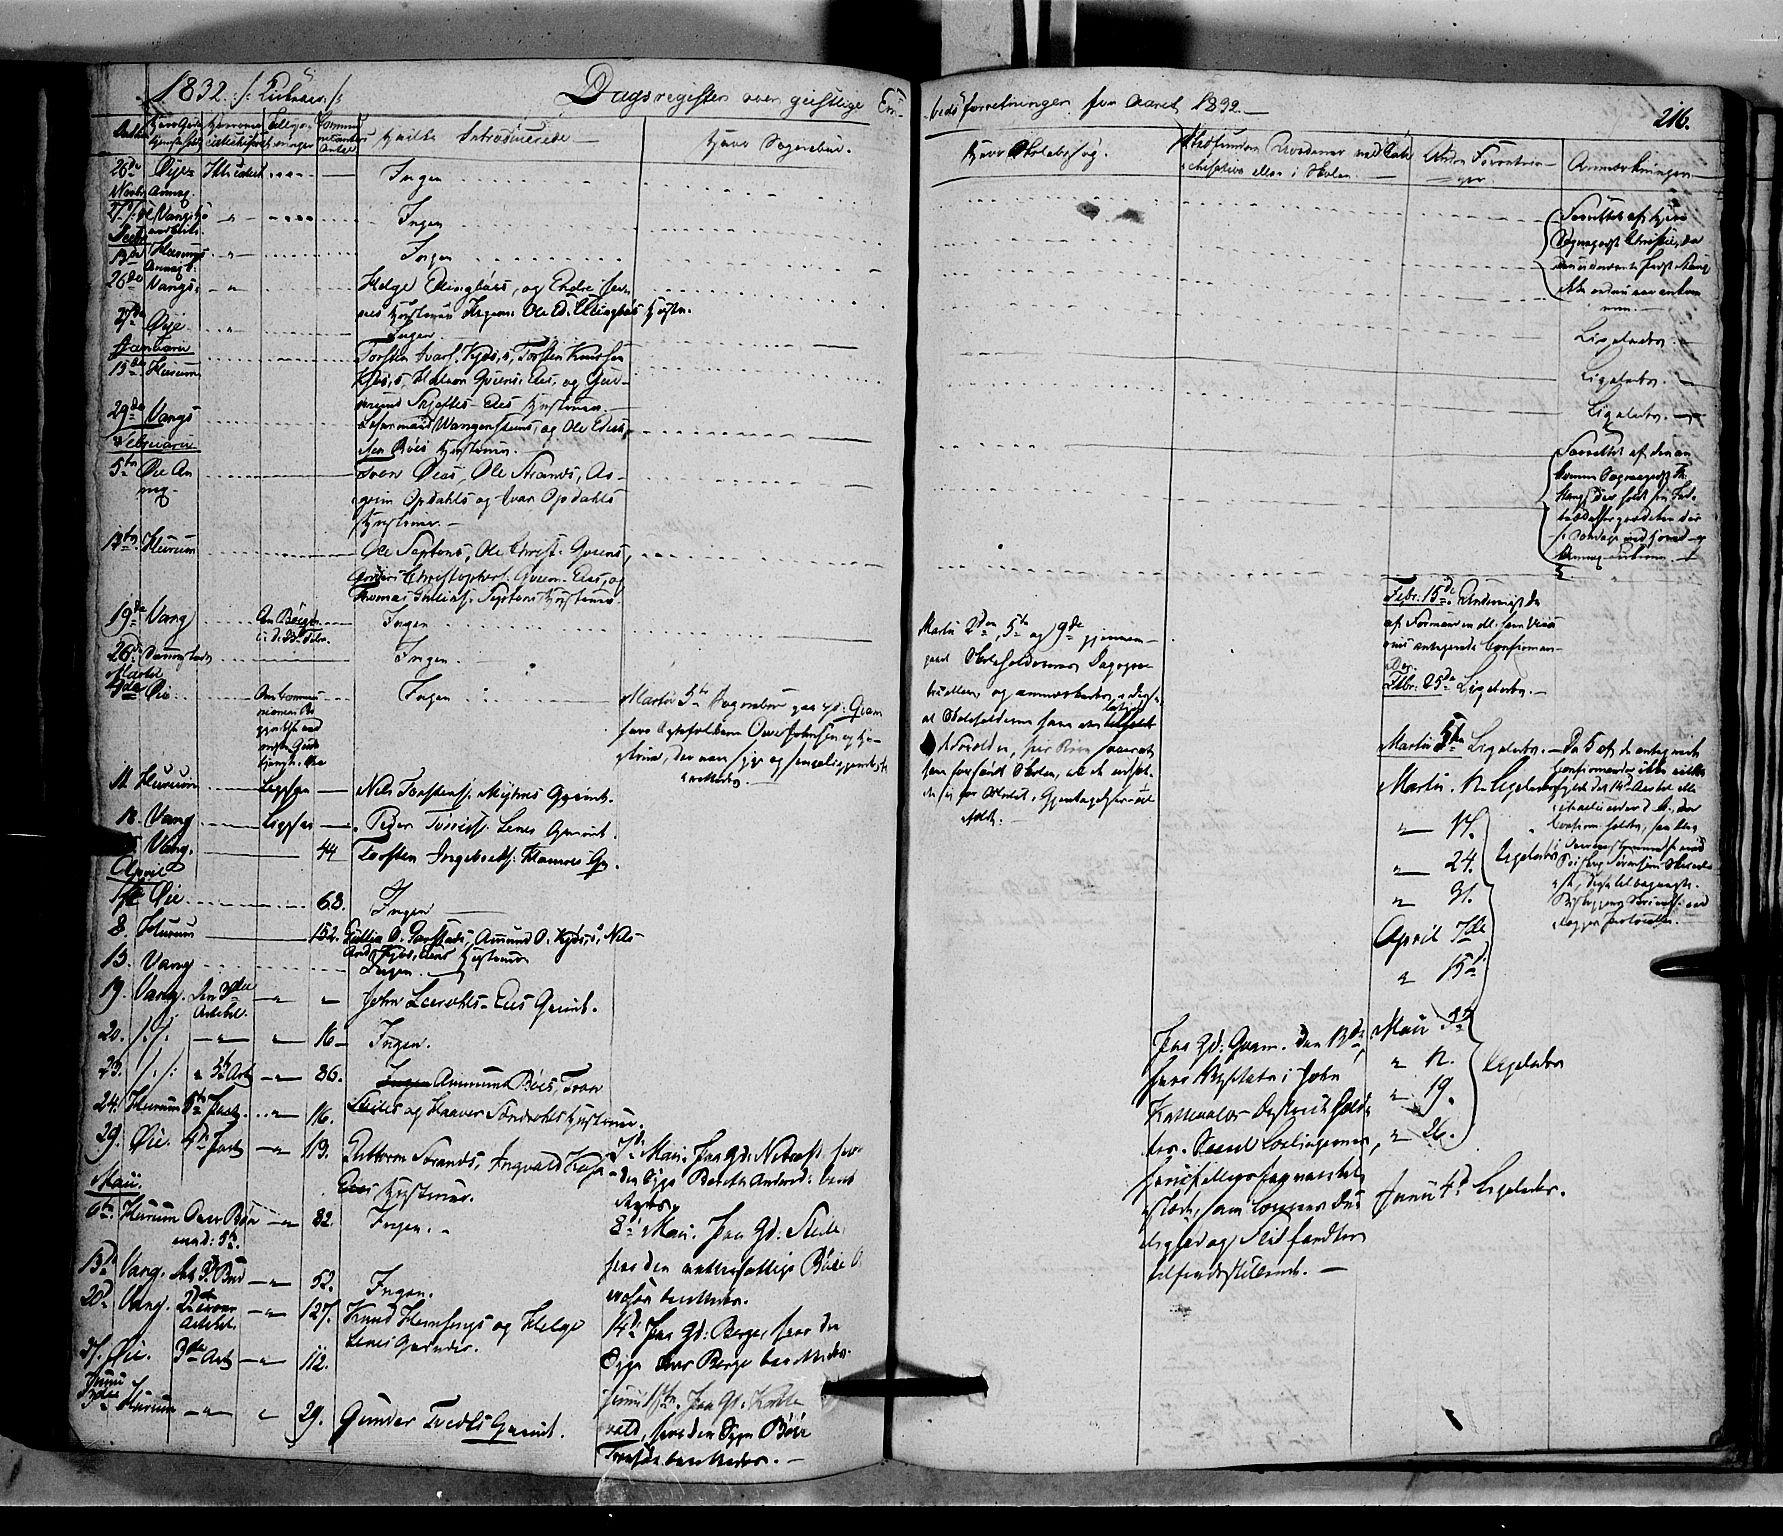 SAH, Vang prestekontor, Valdres, Ministerialbok nr. 5, 1831-1845, s. 216